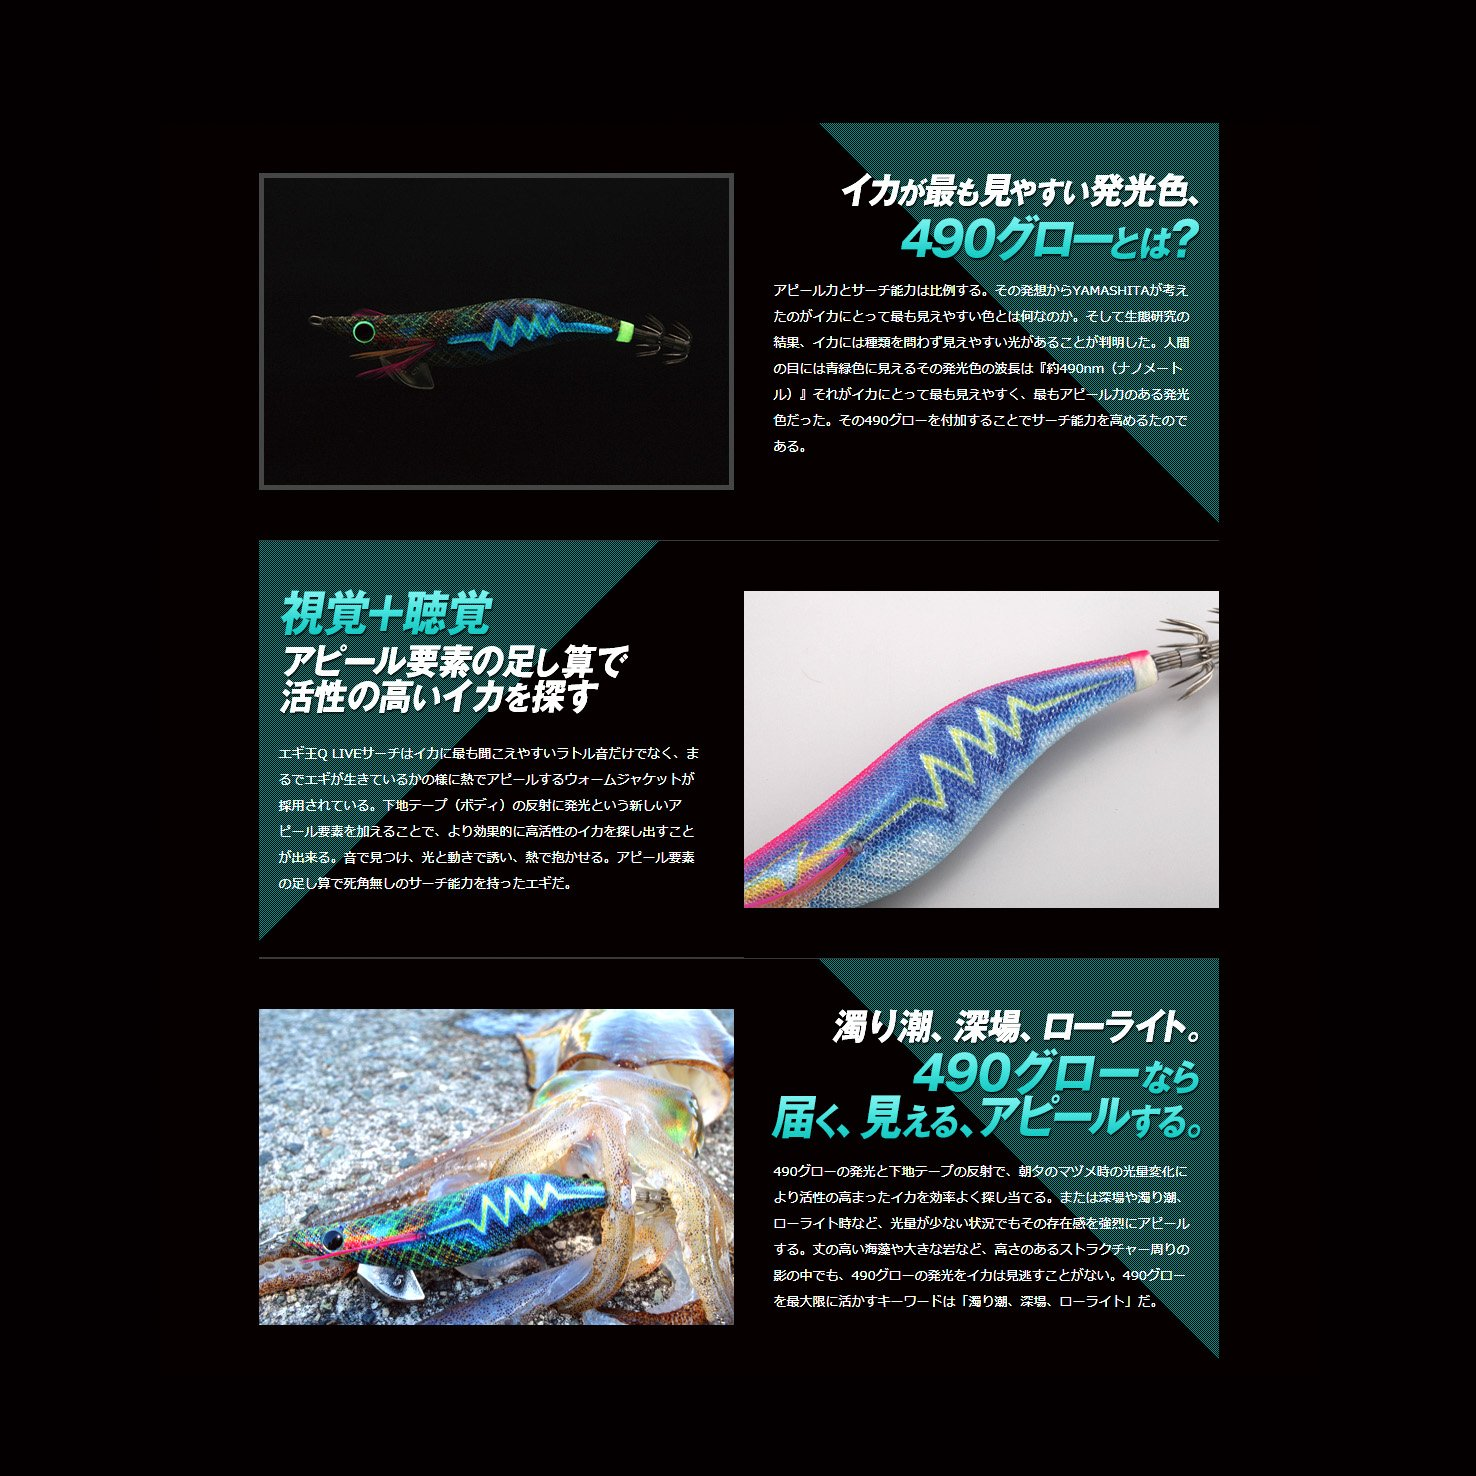 Turlutte Yamashita Egi OH Q Live Search 490 3.5 couleur R08